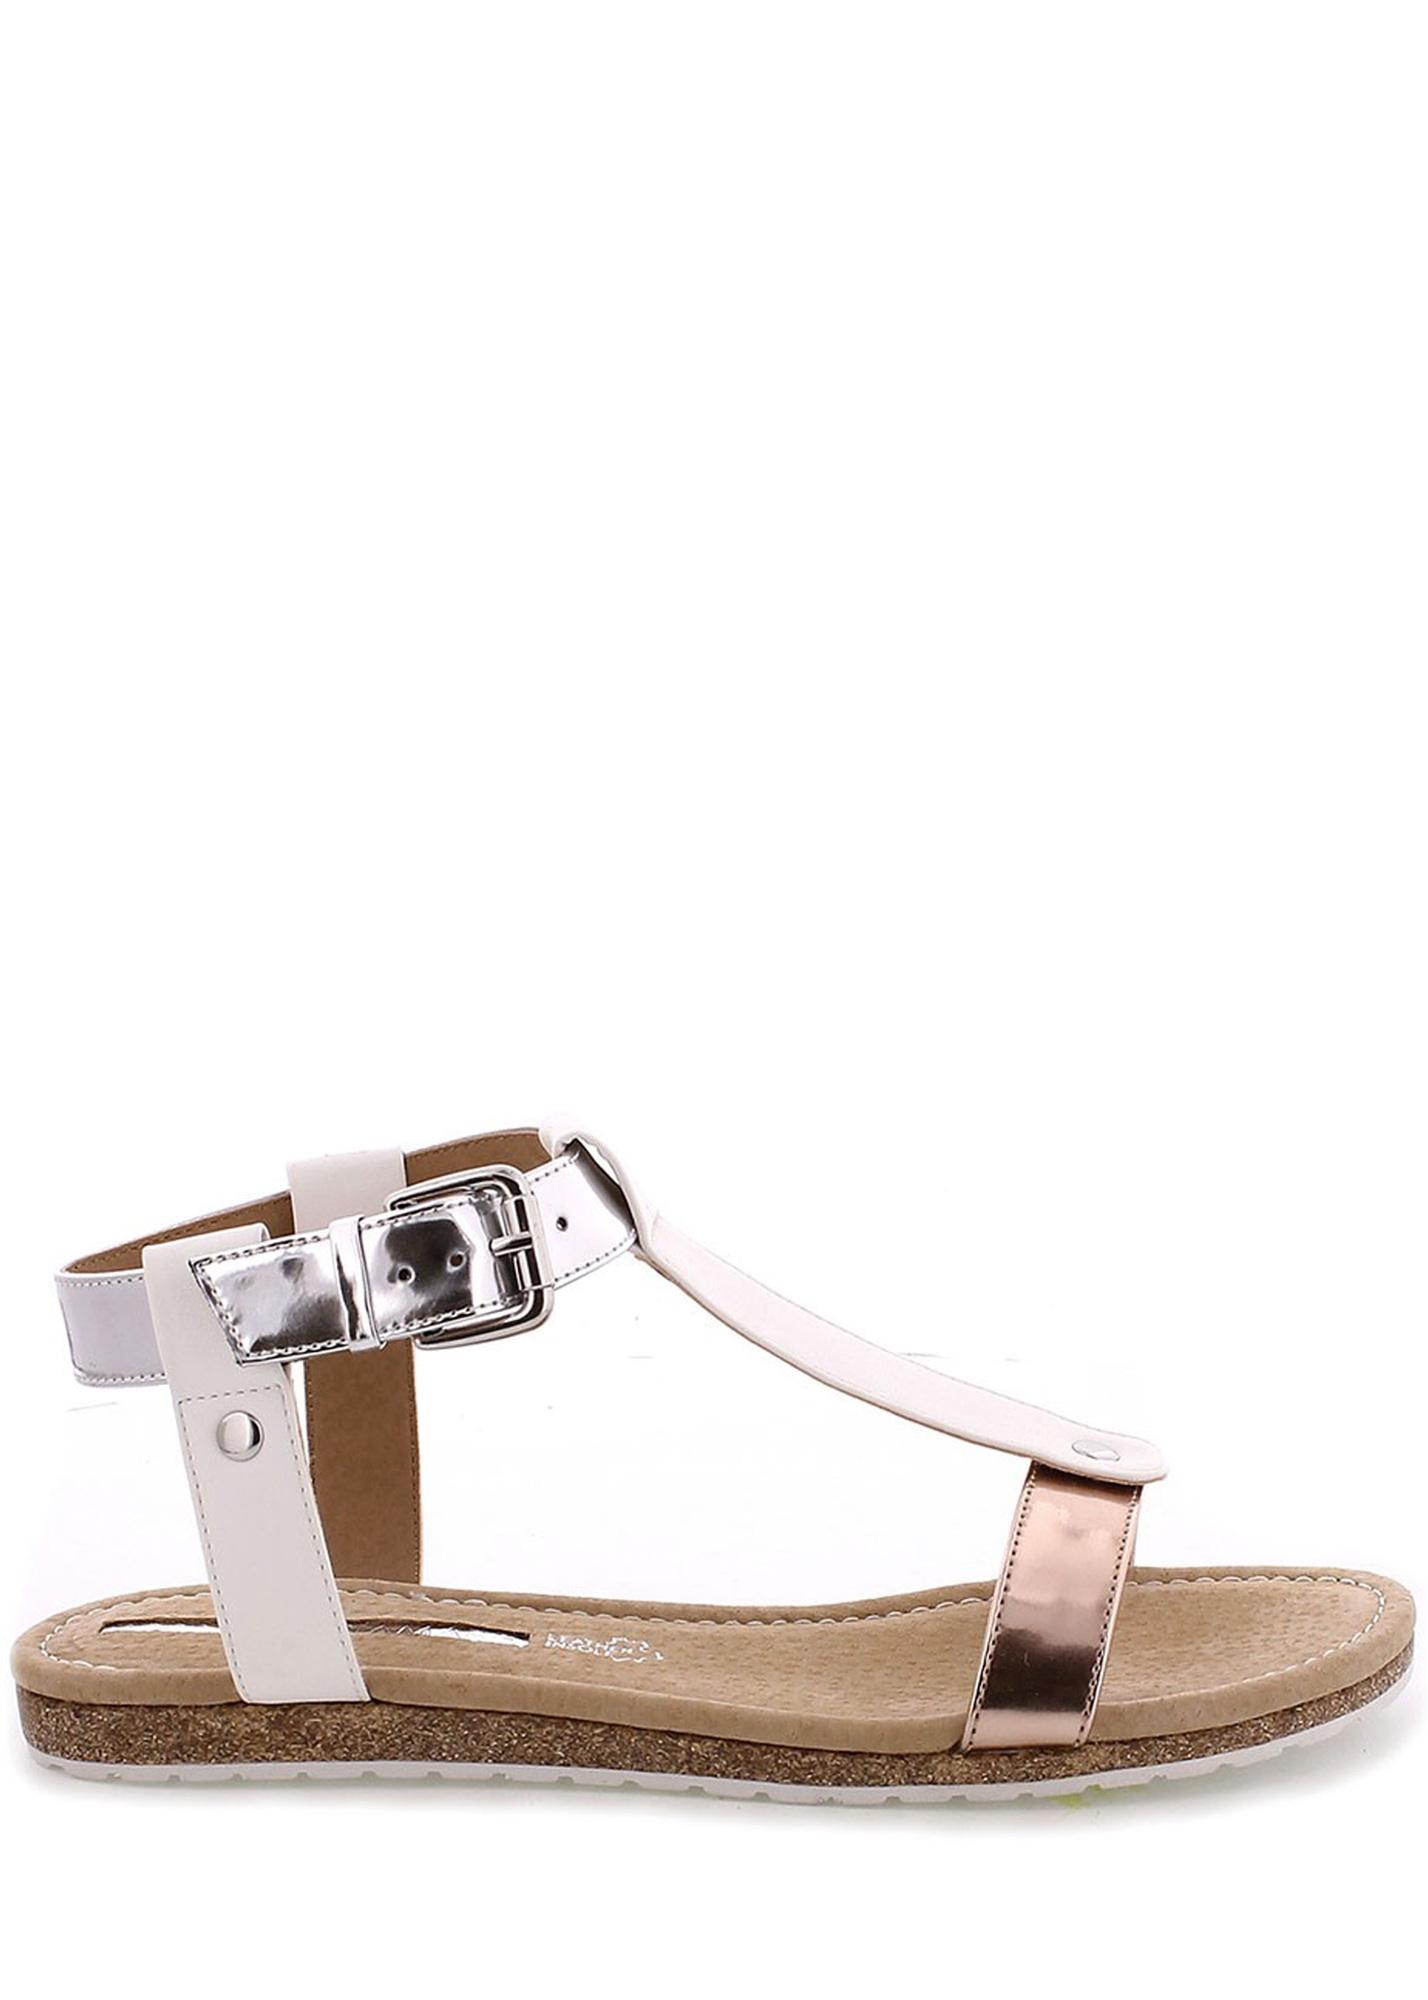 5be75d61e950 ➤ Bílé korkové letní sandálky MARIA MARE - Levná i značková obuv